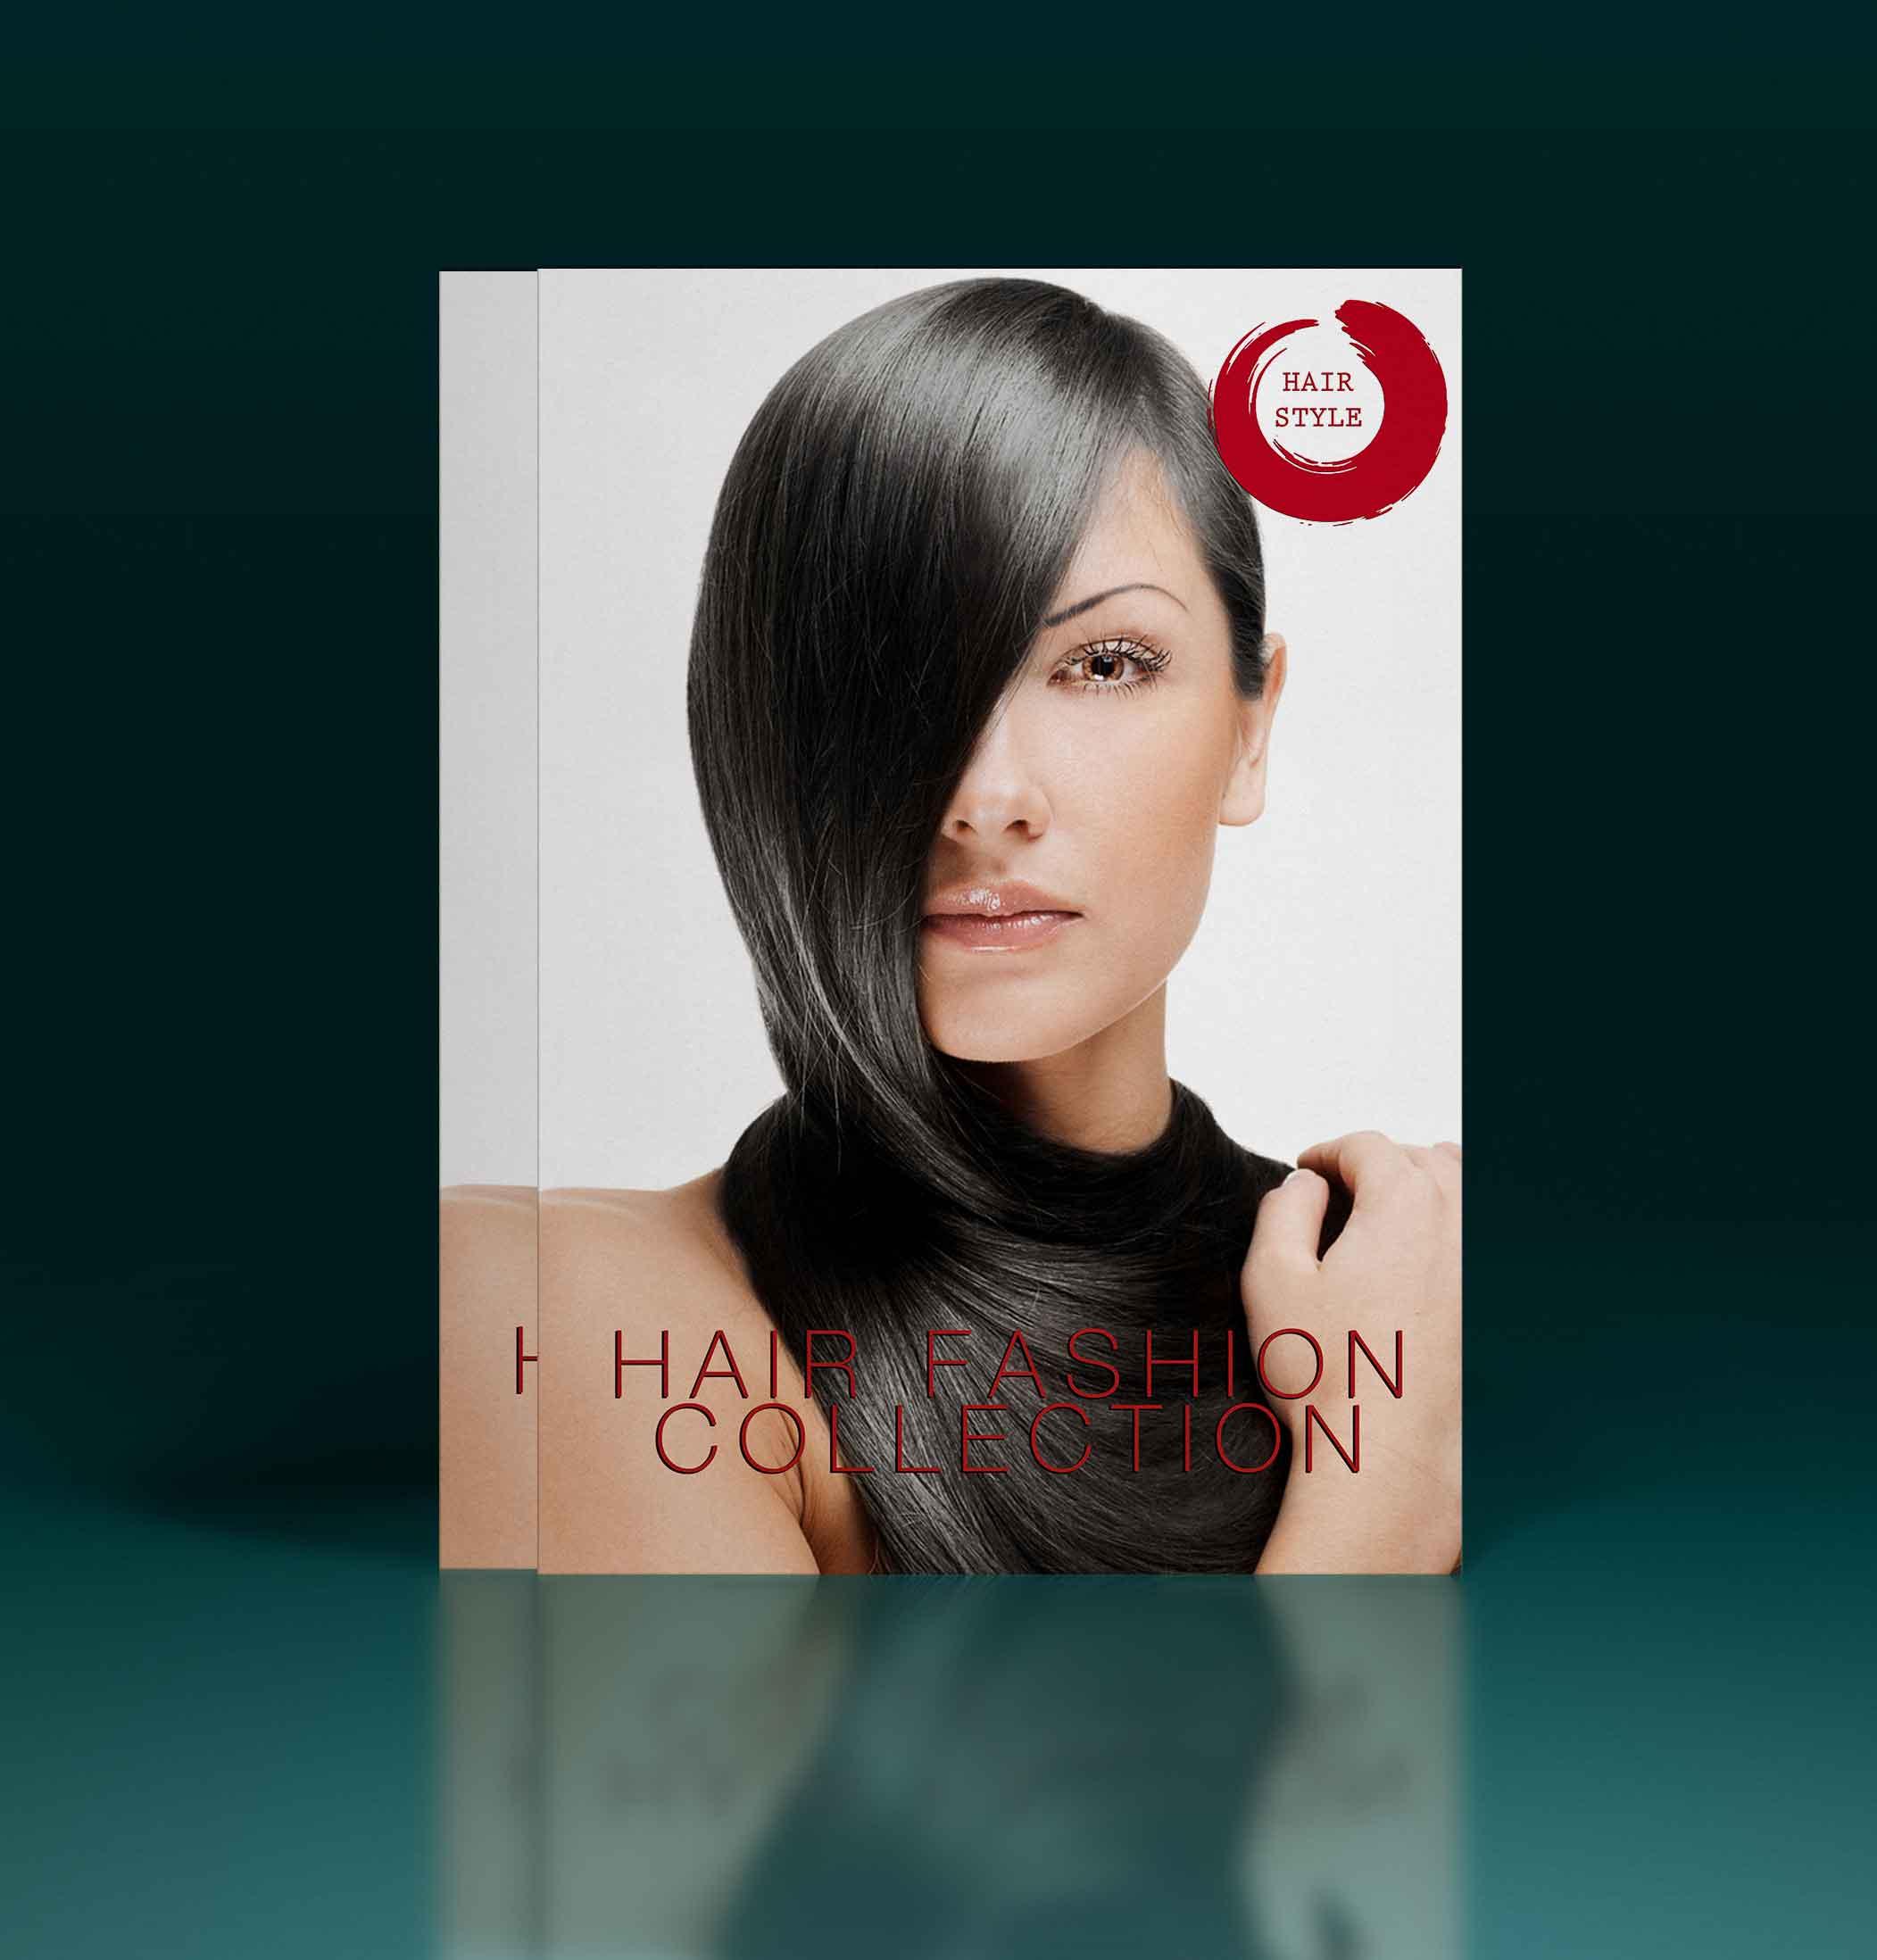 realizzazione grafica volantini per parrucchieri